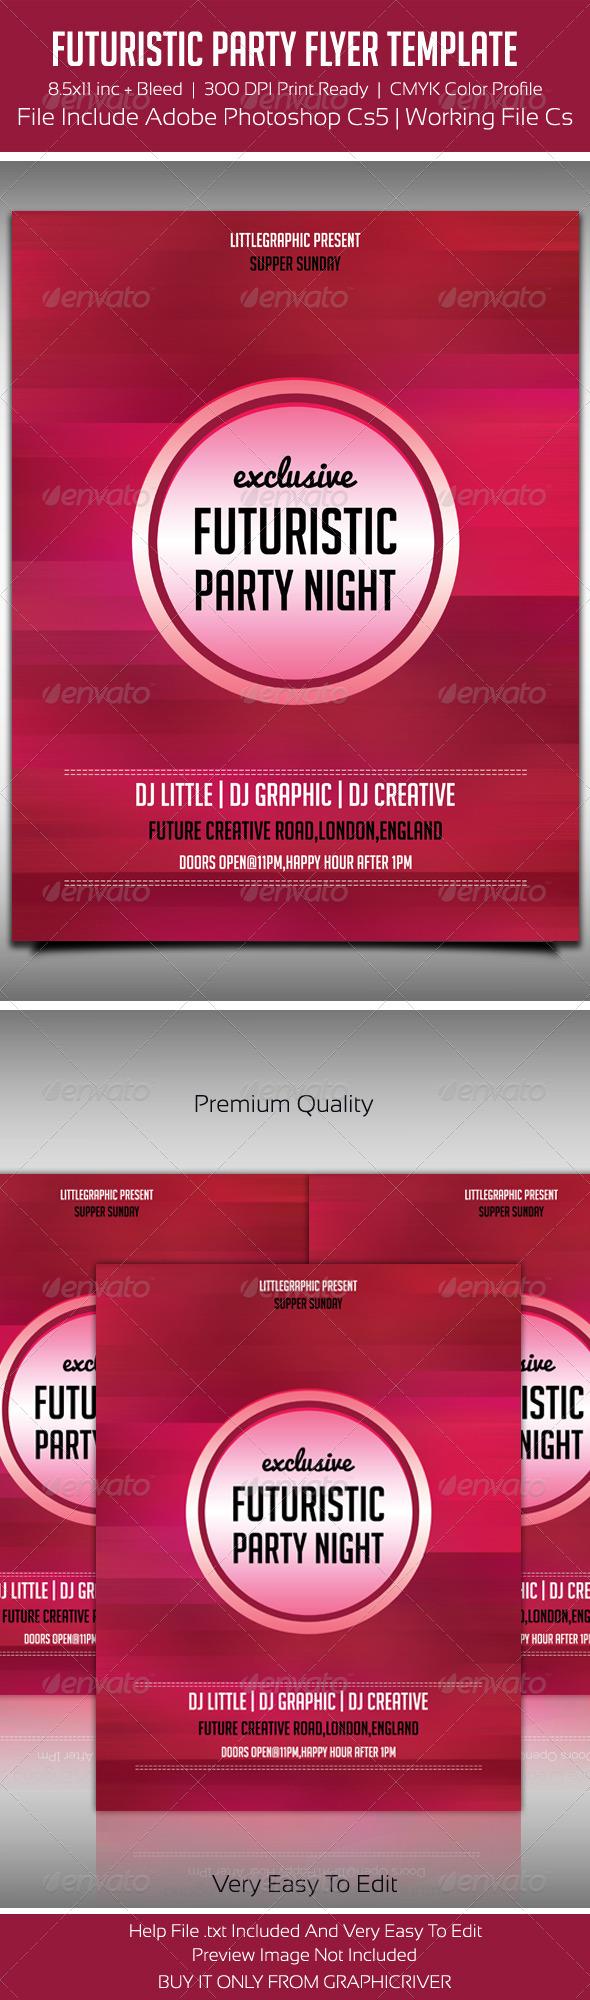 GraphicRiver Future Flyer Template 2 5445968